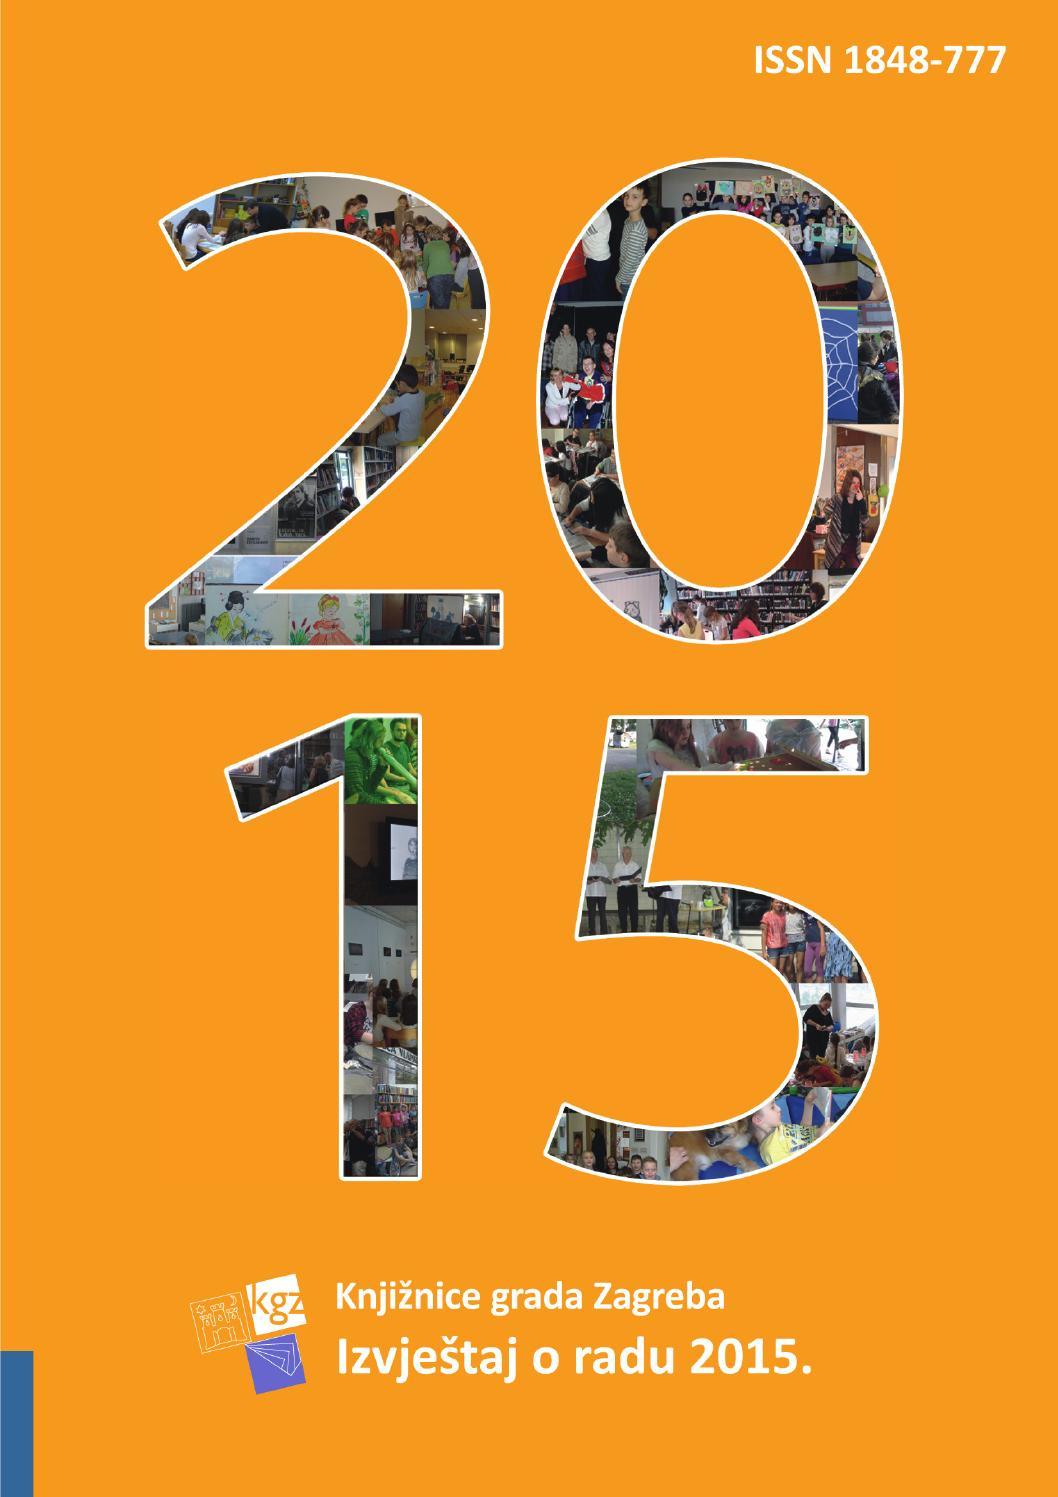 Najbolje indijske stranice za upoznavanje 2015